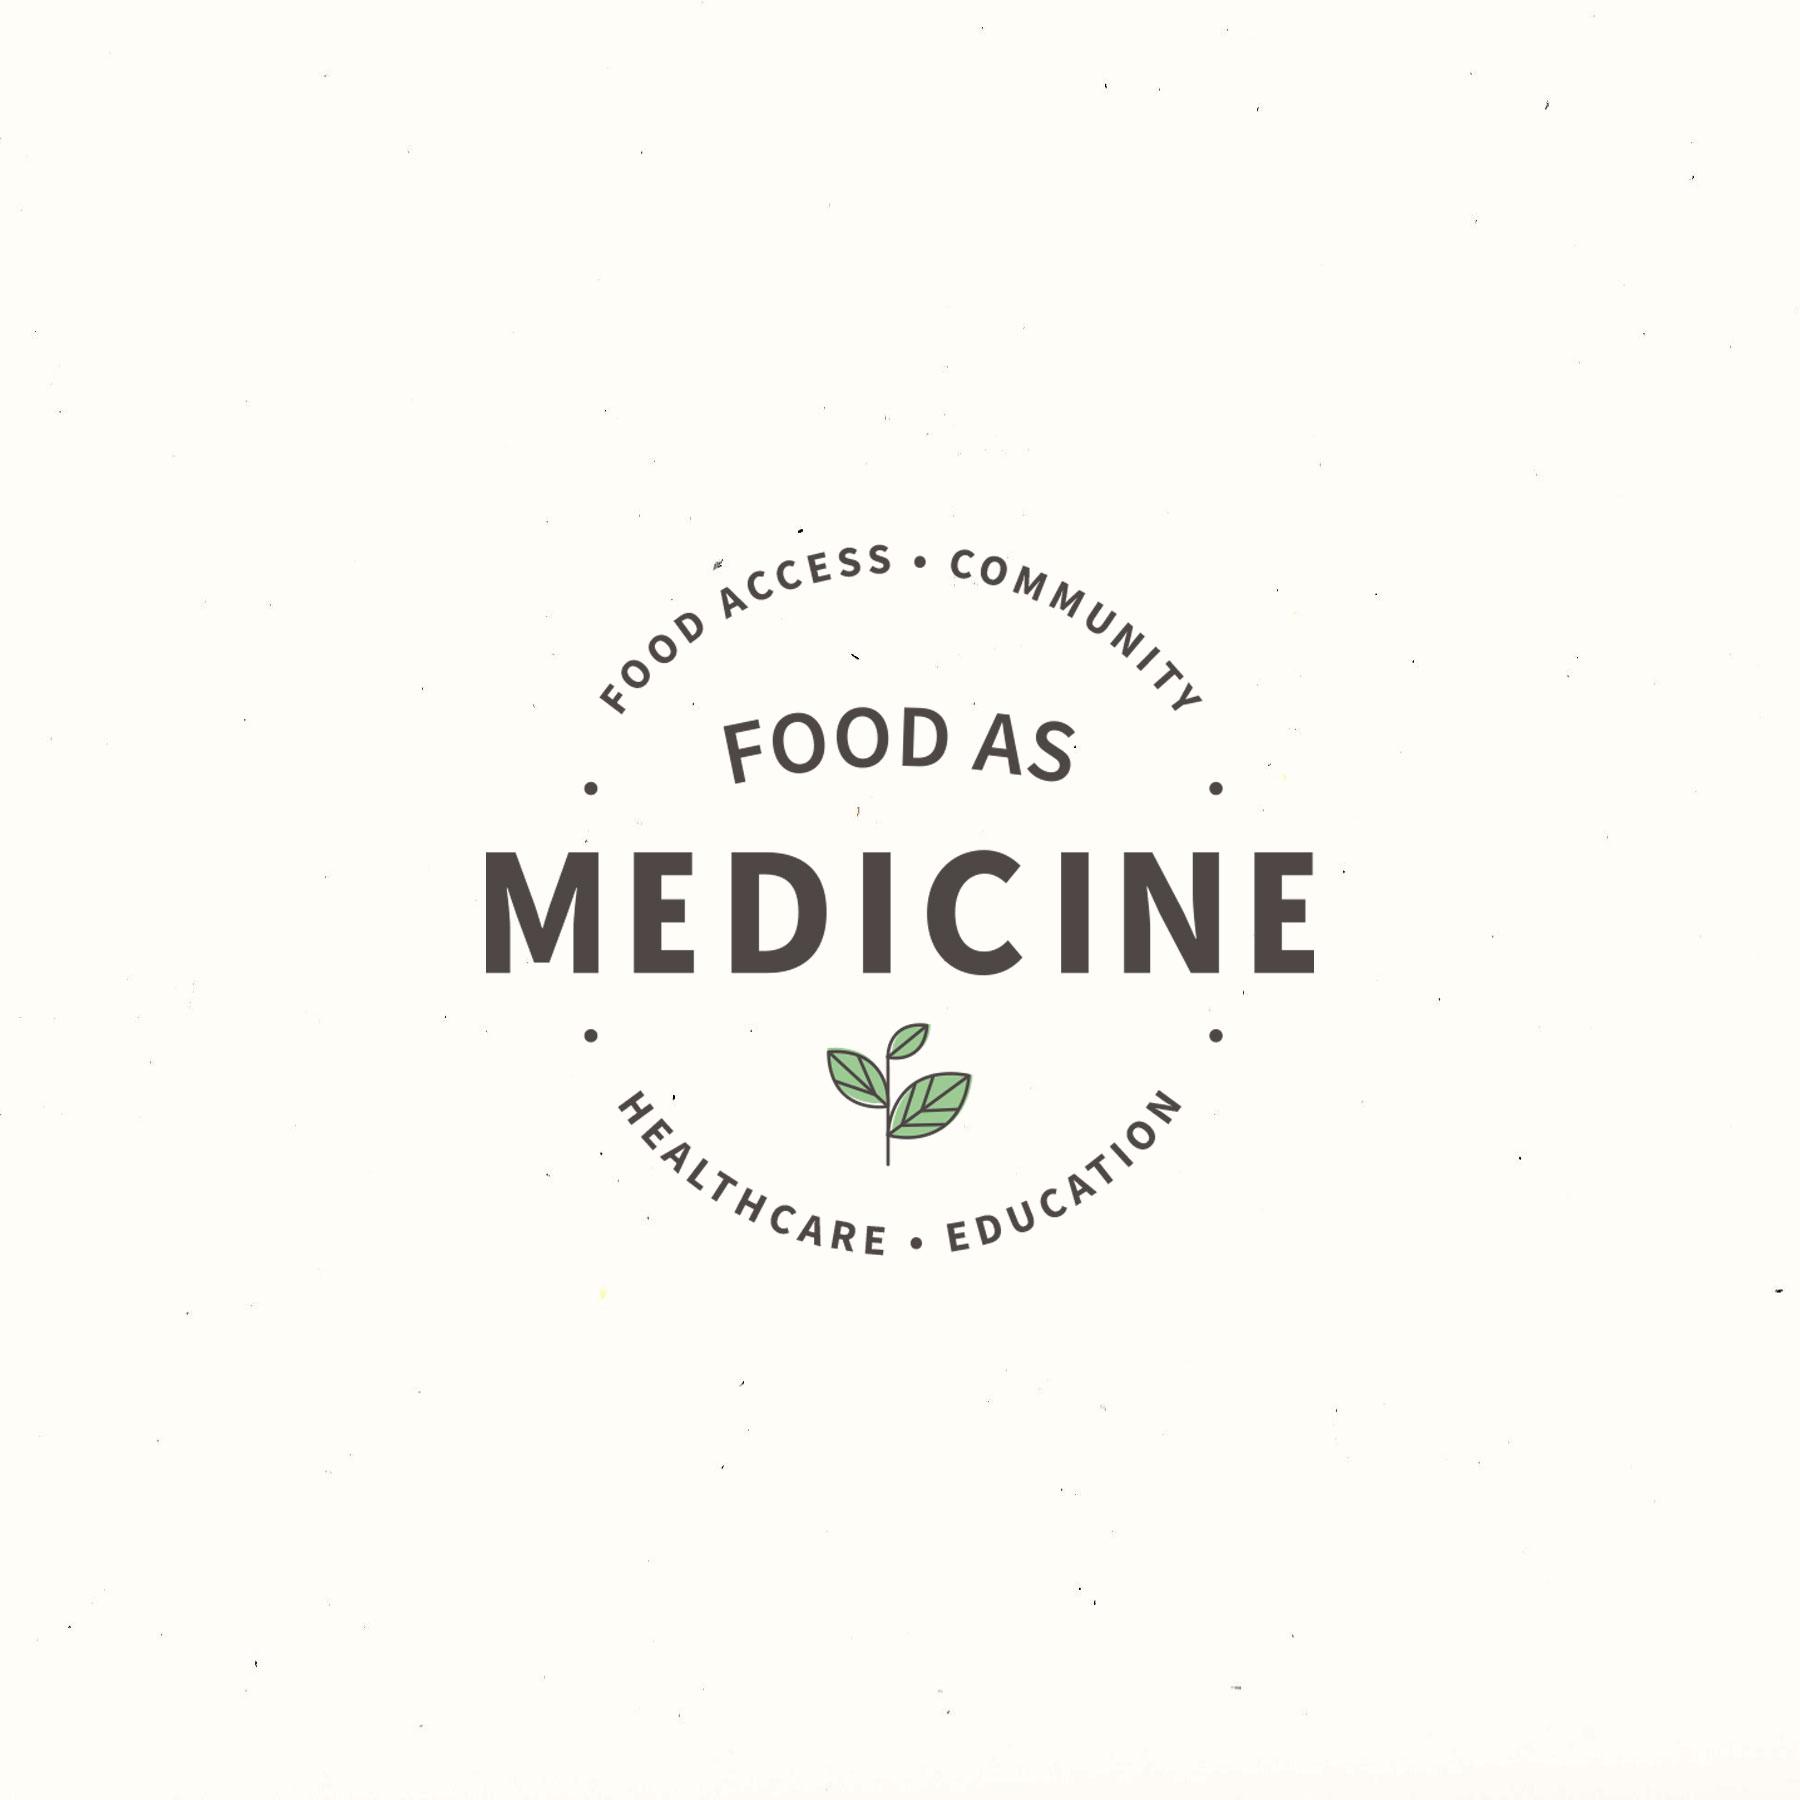 Food as Medicine:  Branding, Illustrations, Marketing brochure.